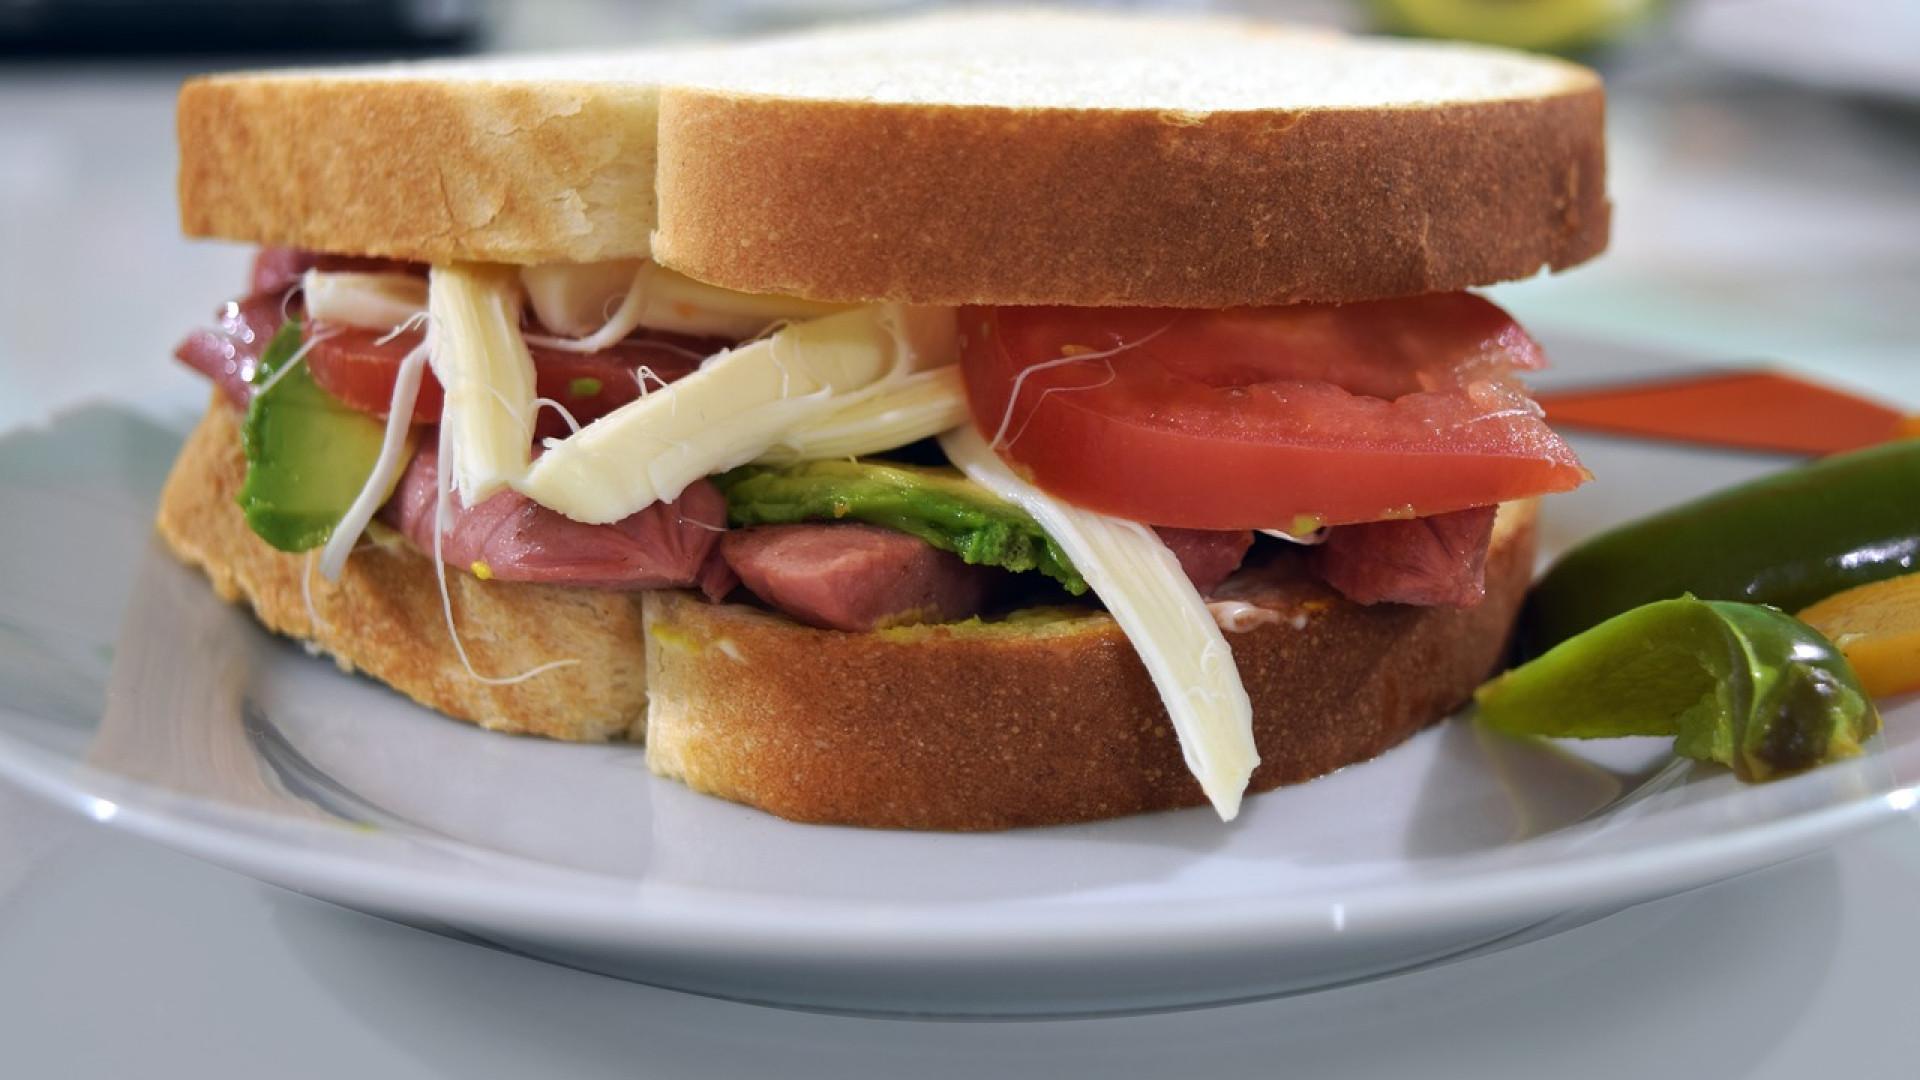 Déjeunez sur le pouce sans impacter votre ligne